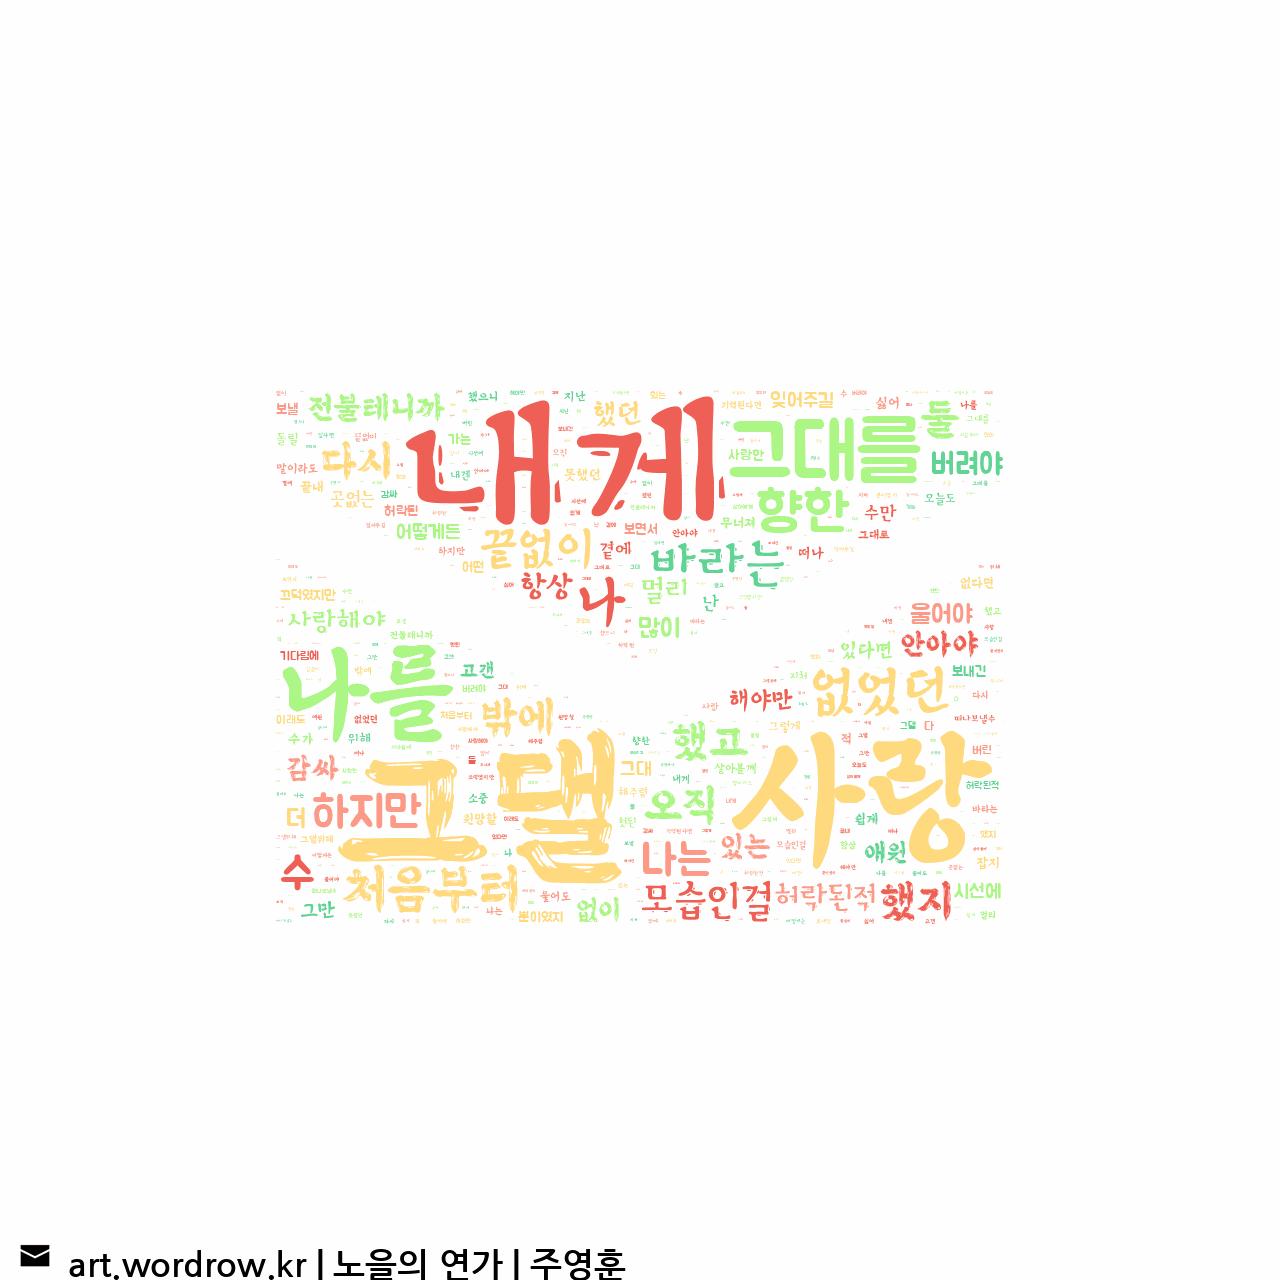 워드 클라우드: 노을의 연가 [주영훈]-26